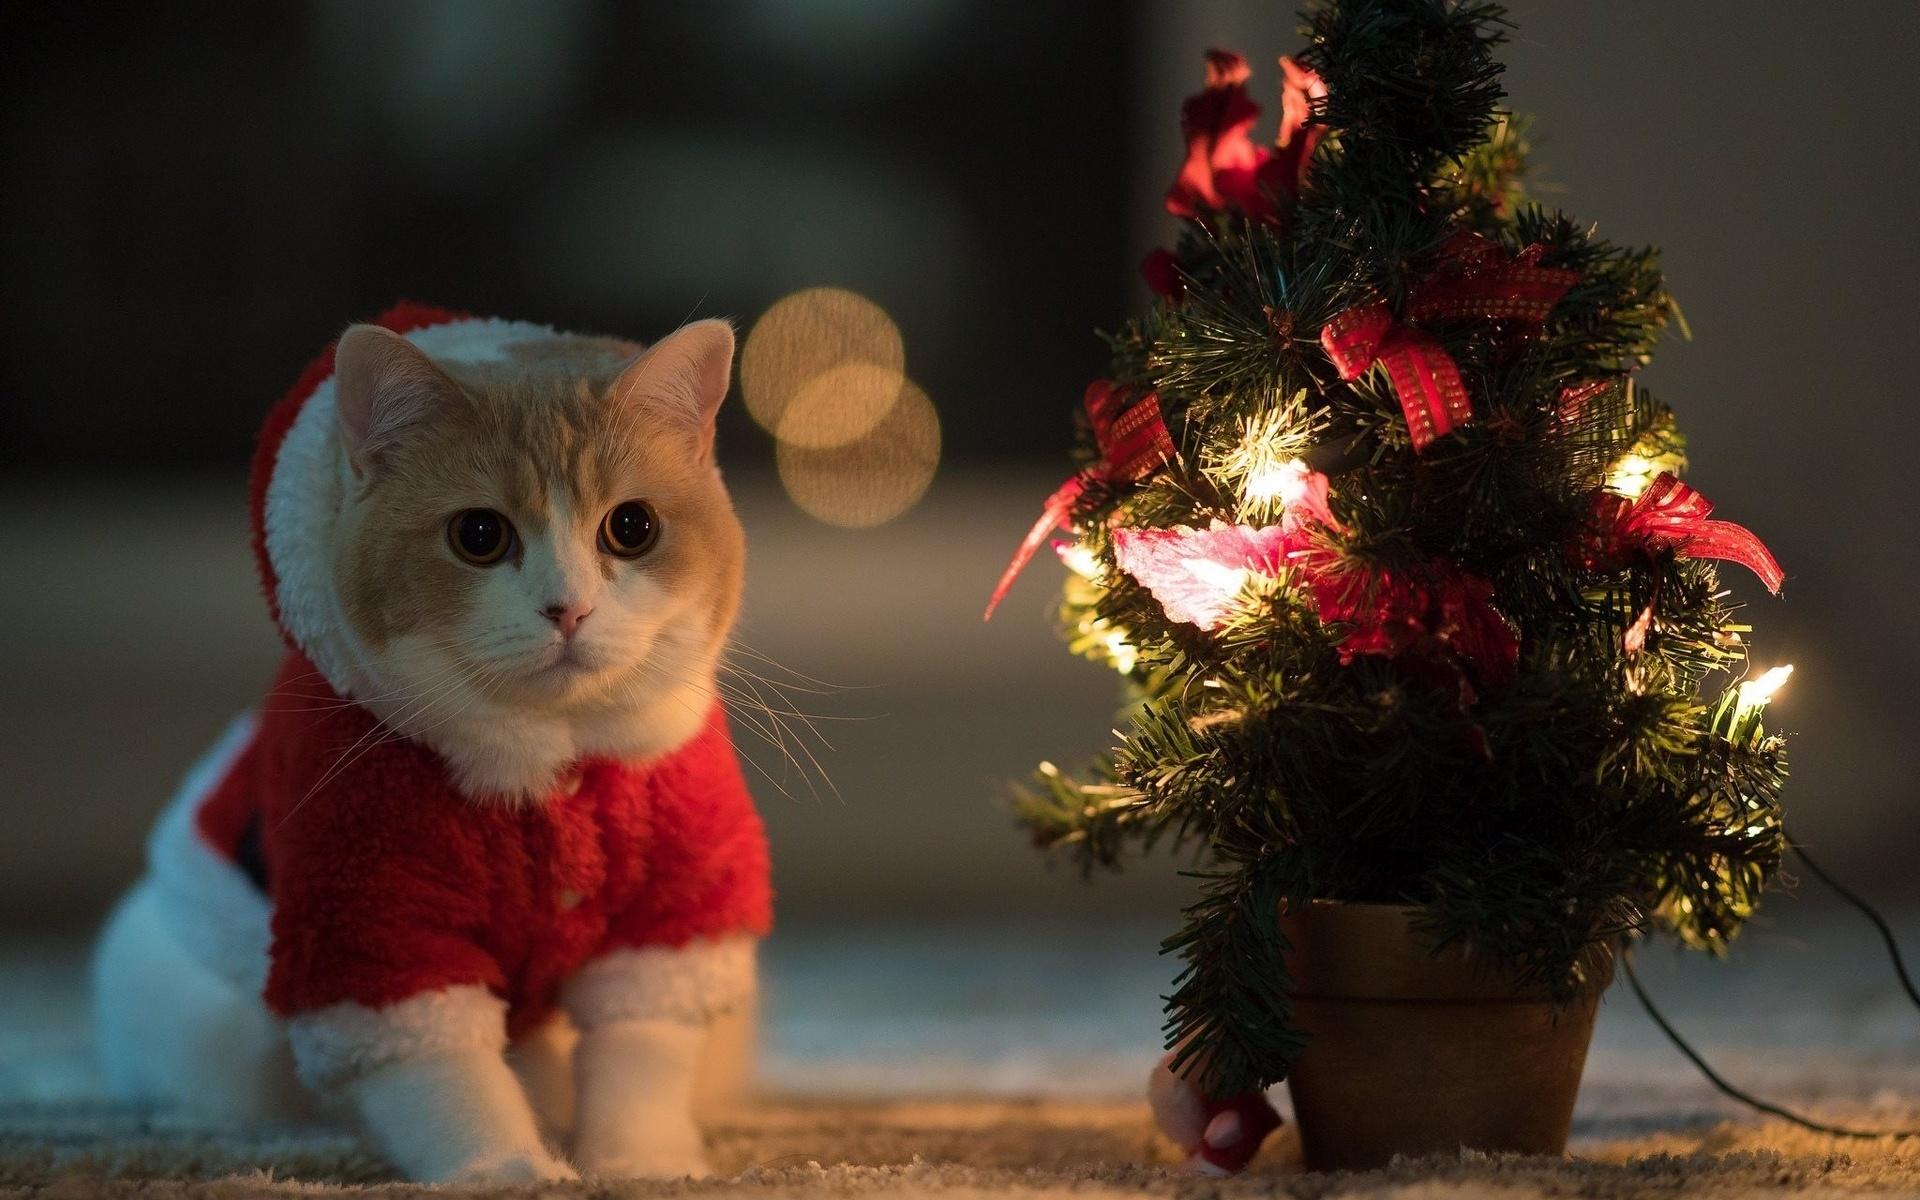 отменный атрибут новогодние картинки с кошками природный комплекс множеством